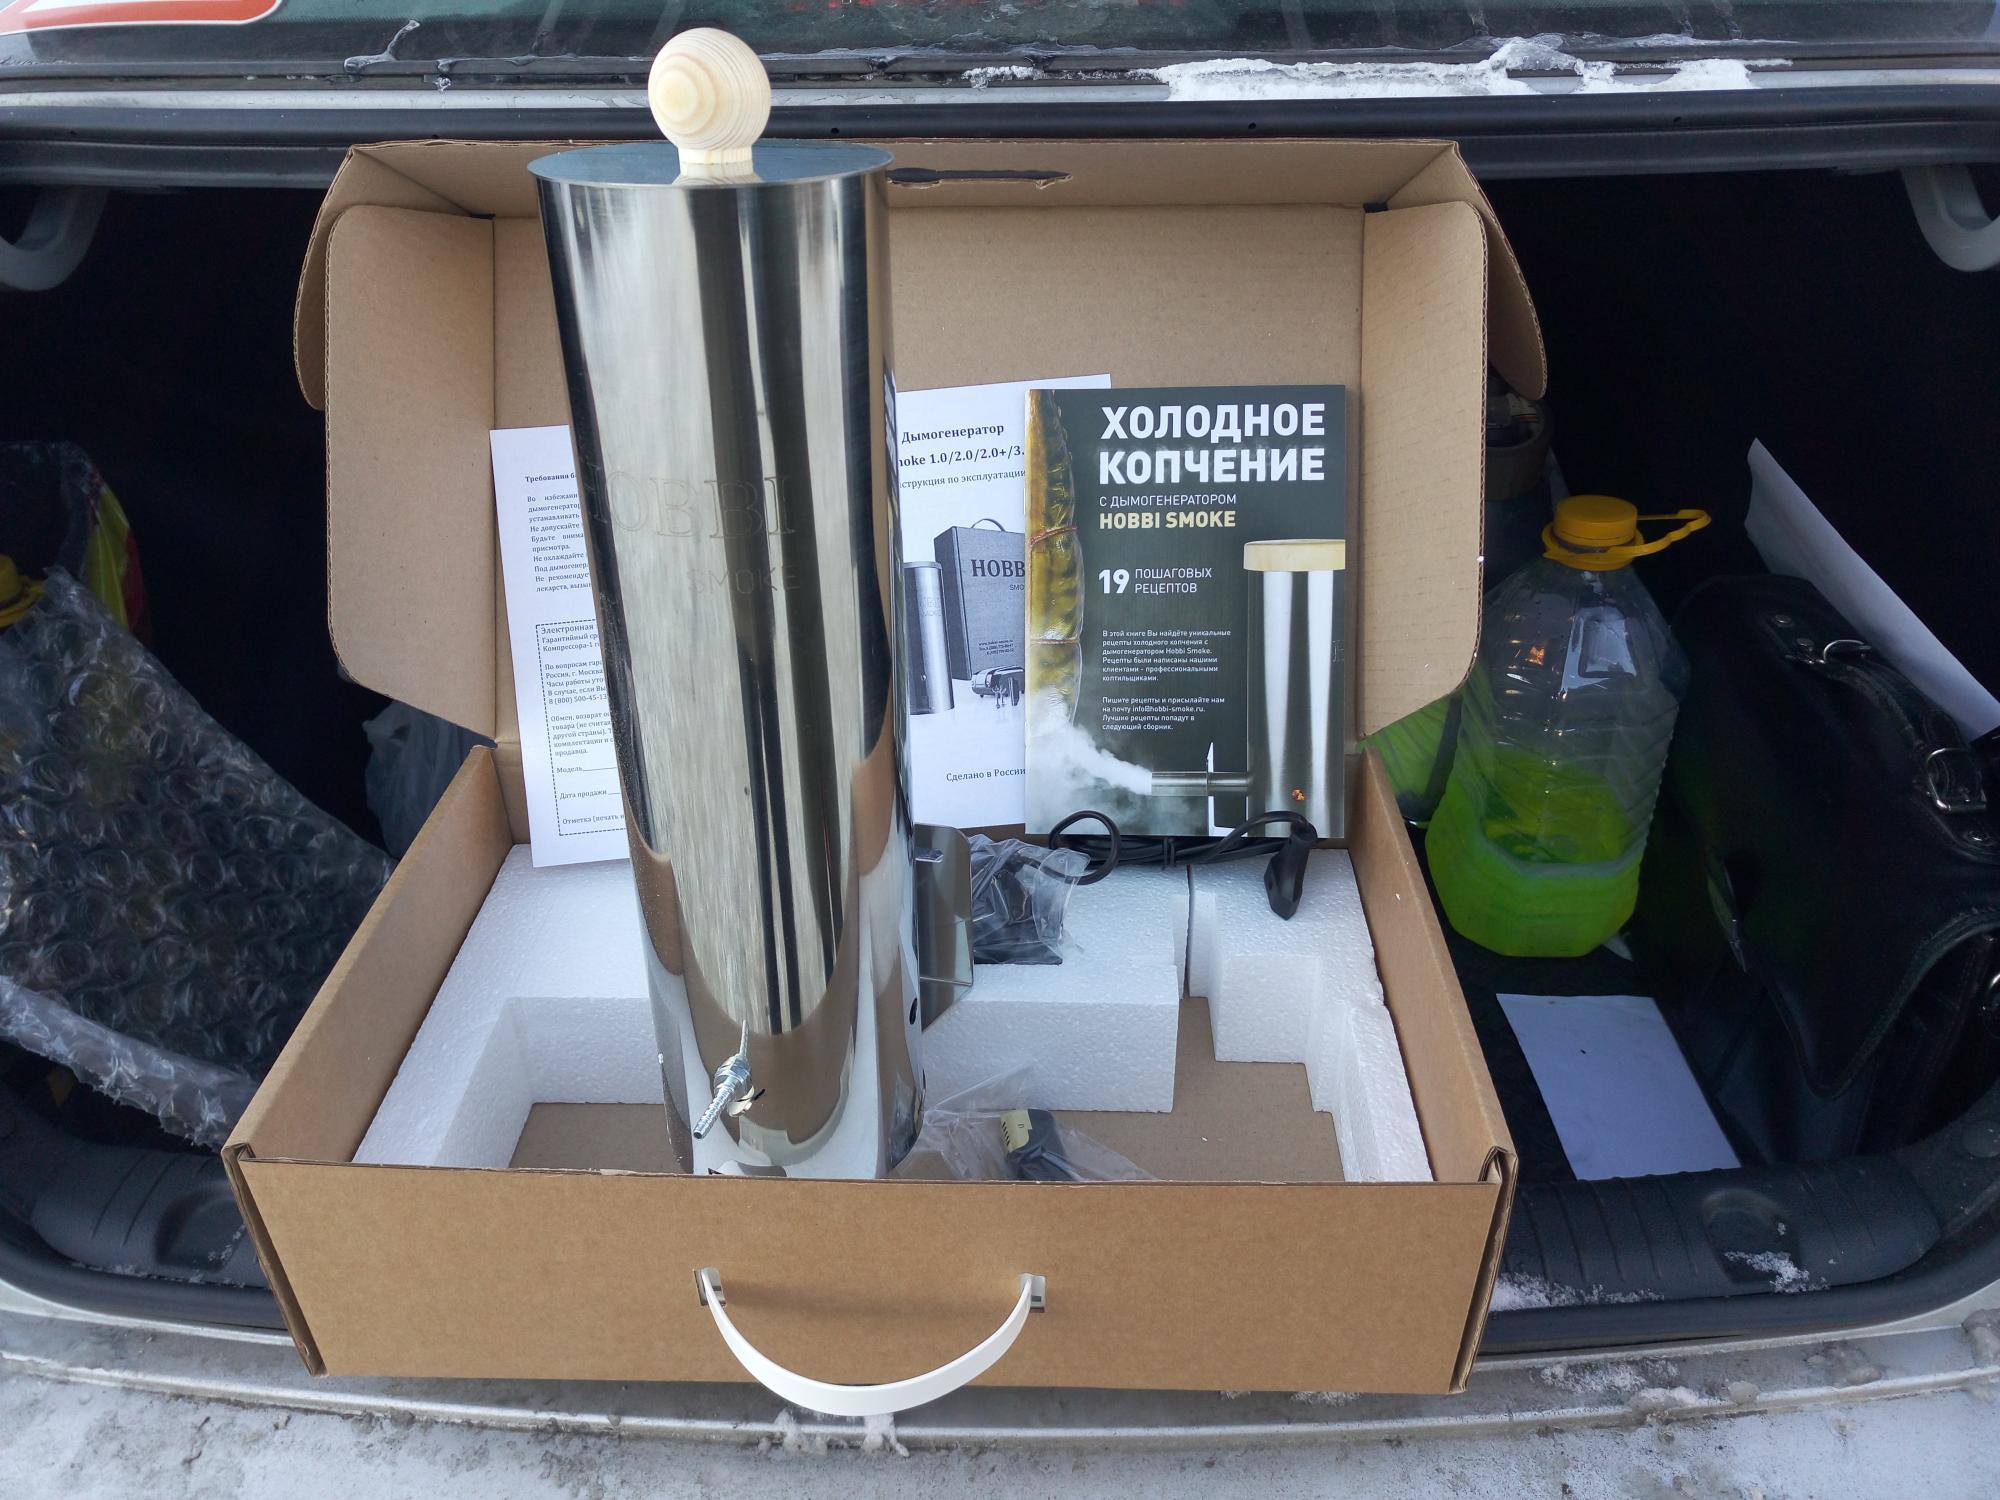 Дымогенератор для холодного копчения в Москве 89169258050 купить 3